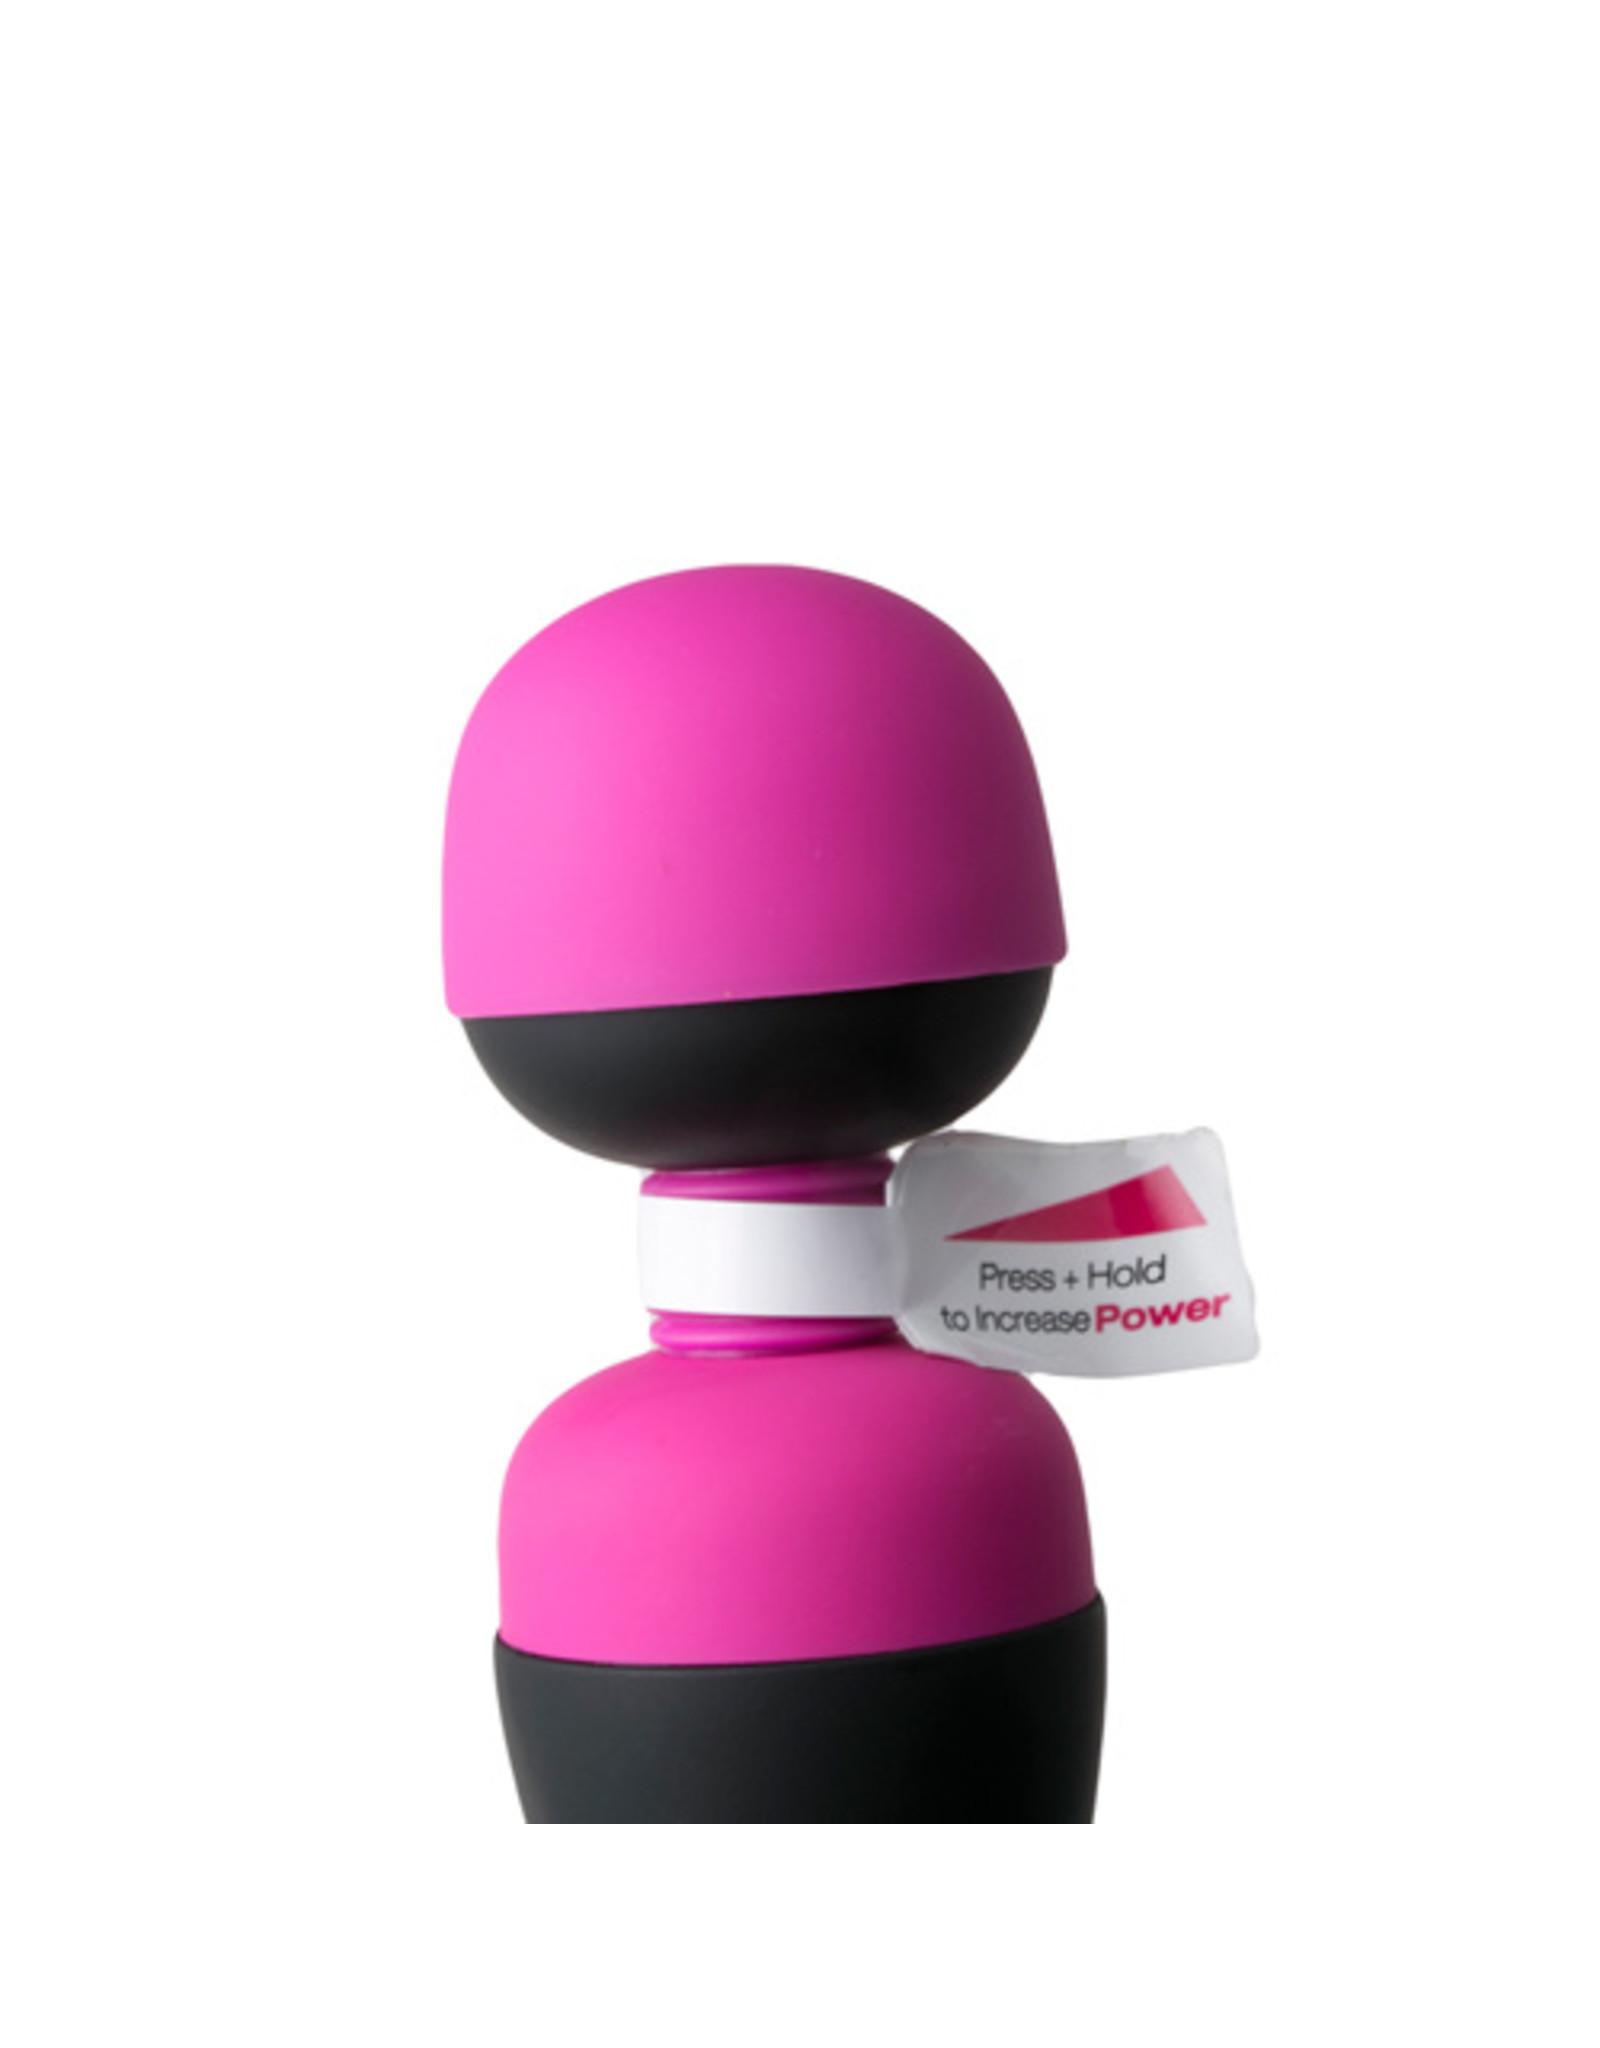 Palm Power Palm Power Personal Massager - wand vibrator